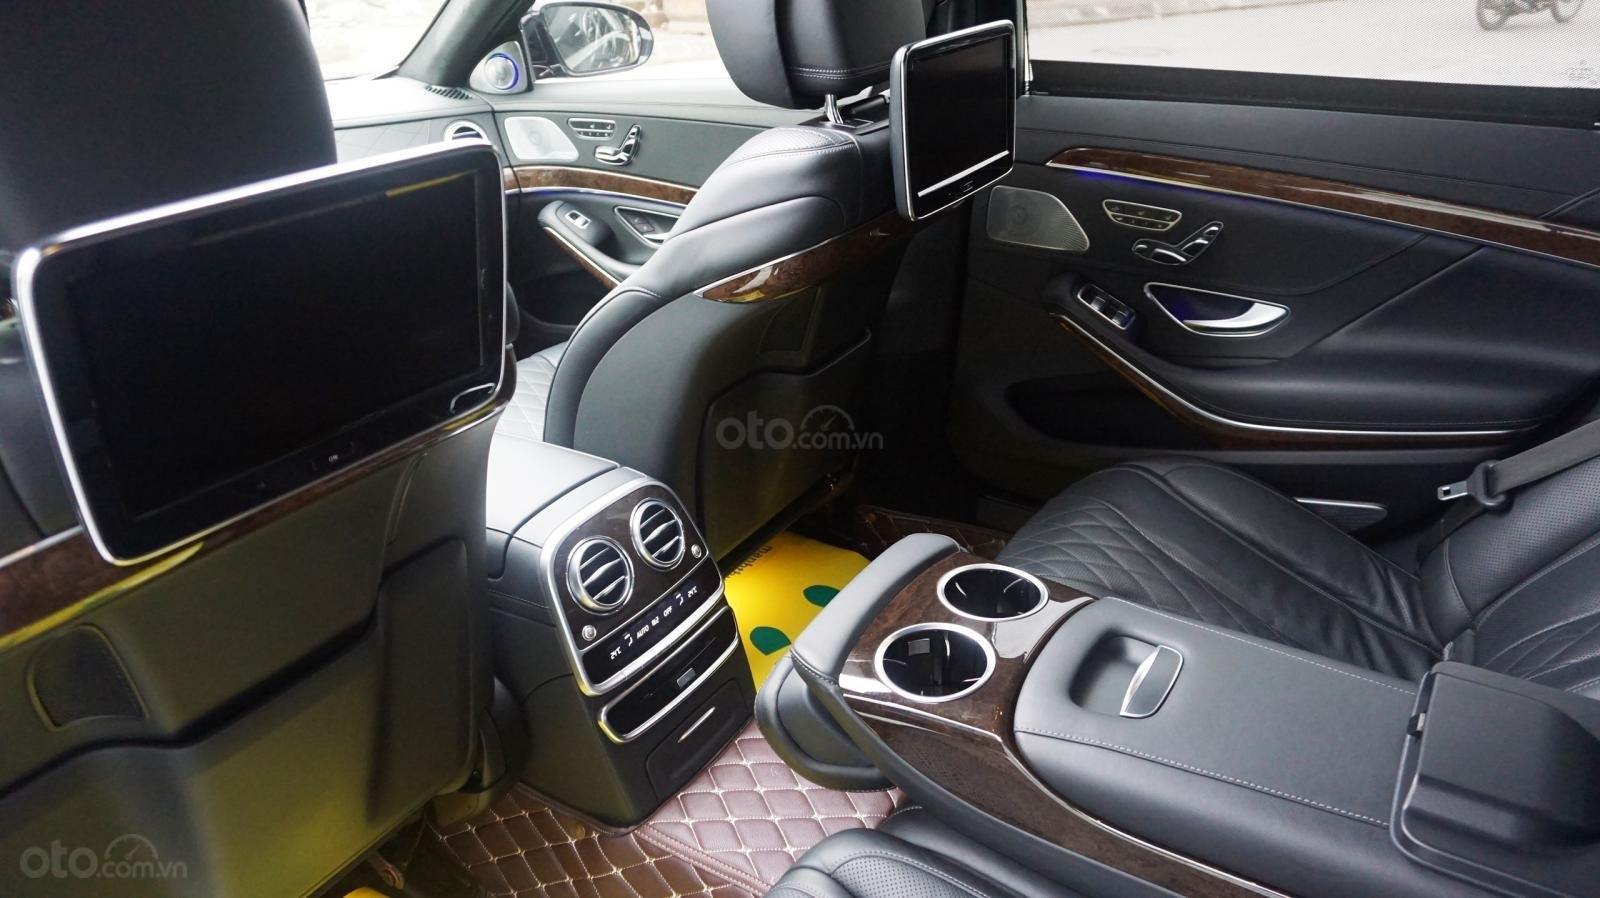 Bán xe Mercedes S500 L đời 2017, màu đen, xe siêu siêu lướt cực đẹp. LH: 0982.84.2838 (9)